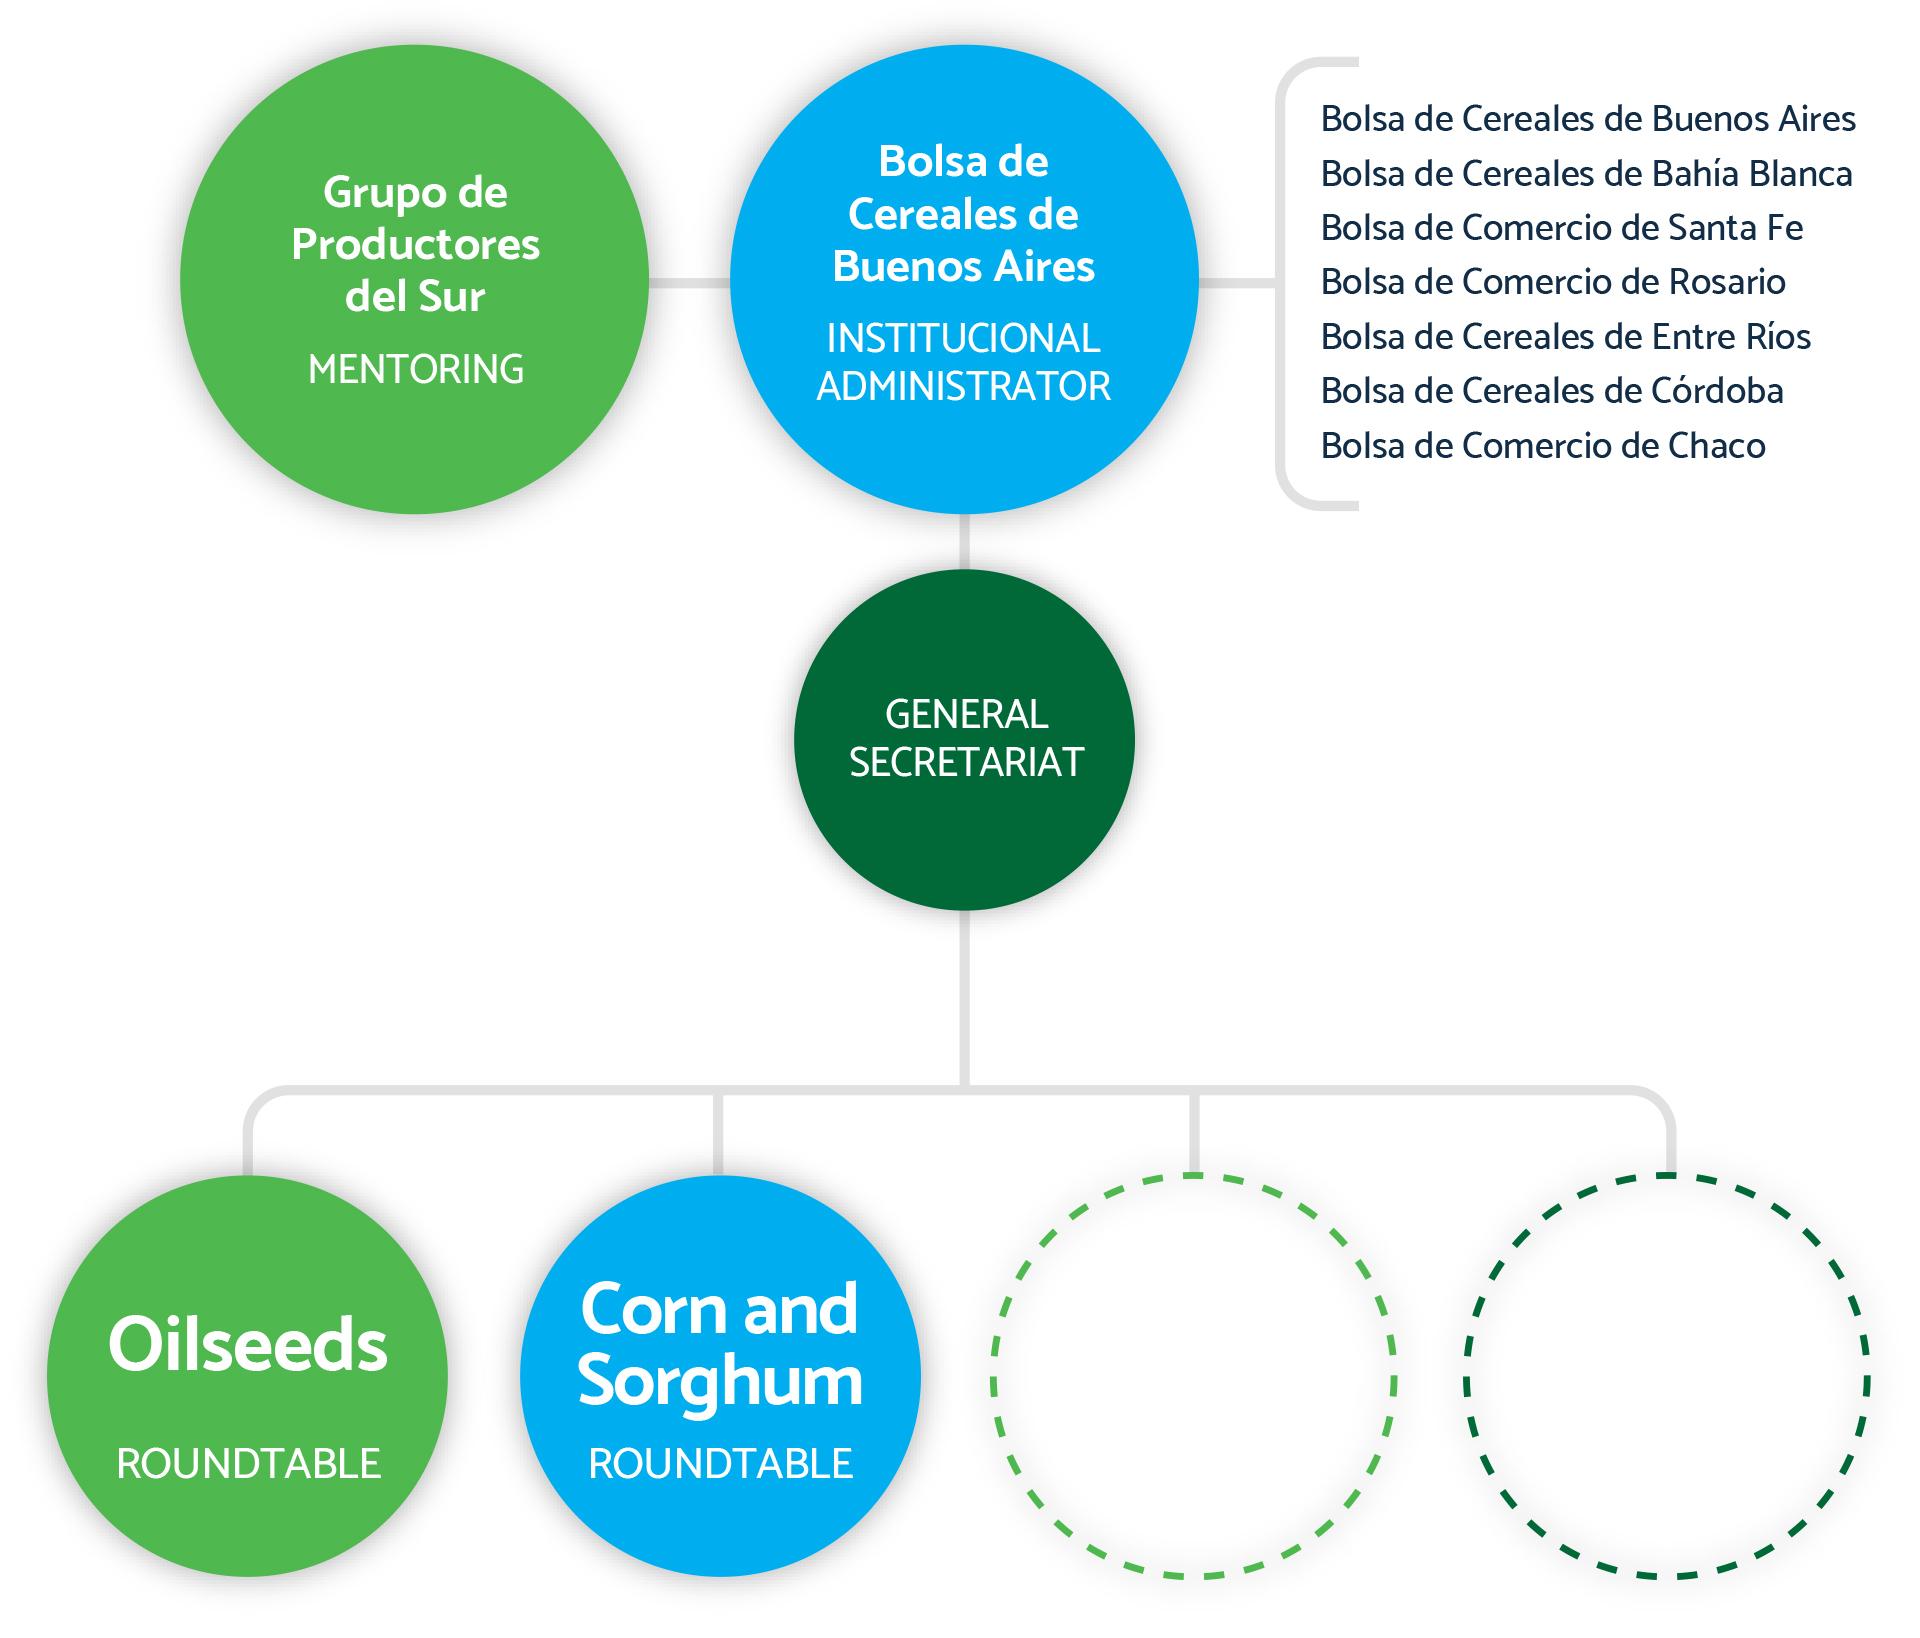 cuadro quienes somos programa argentino de carbono neutro